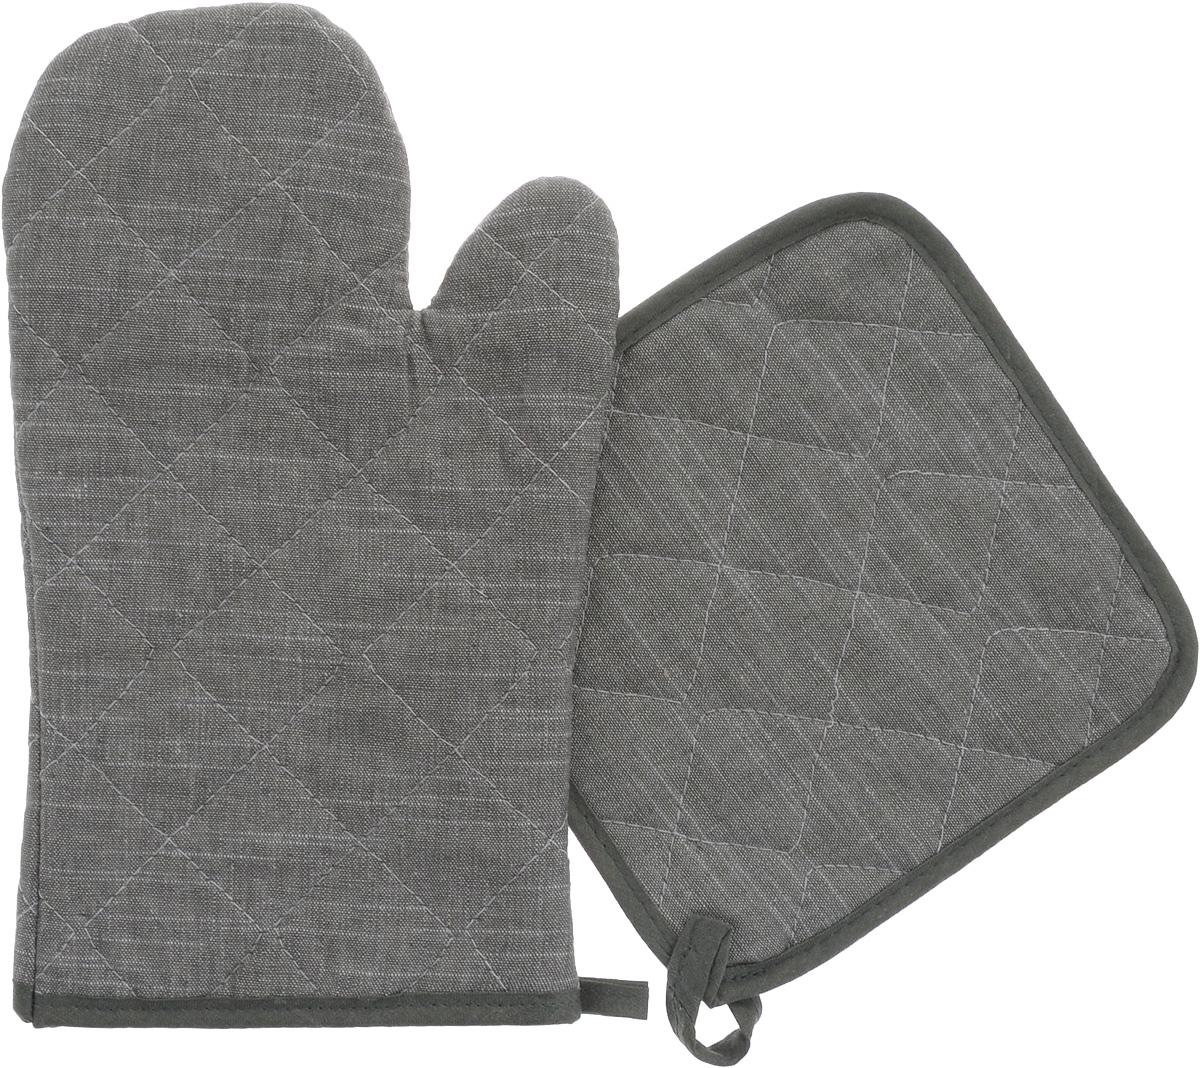 Набор прихваток Home Queen Деним, 2 предметаVT-1520(SR)Набор Home Queen Деним состоит из квадратной прихватки и прихватки-варежки. Изделия выполнены из хлопка, льна и полиэстера. Прихватки оснащены петельками, за которые их можно повесить в любое удобное место.Такой набор станет отличный вариантом подарка для практичной и современной хозяйки.